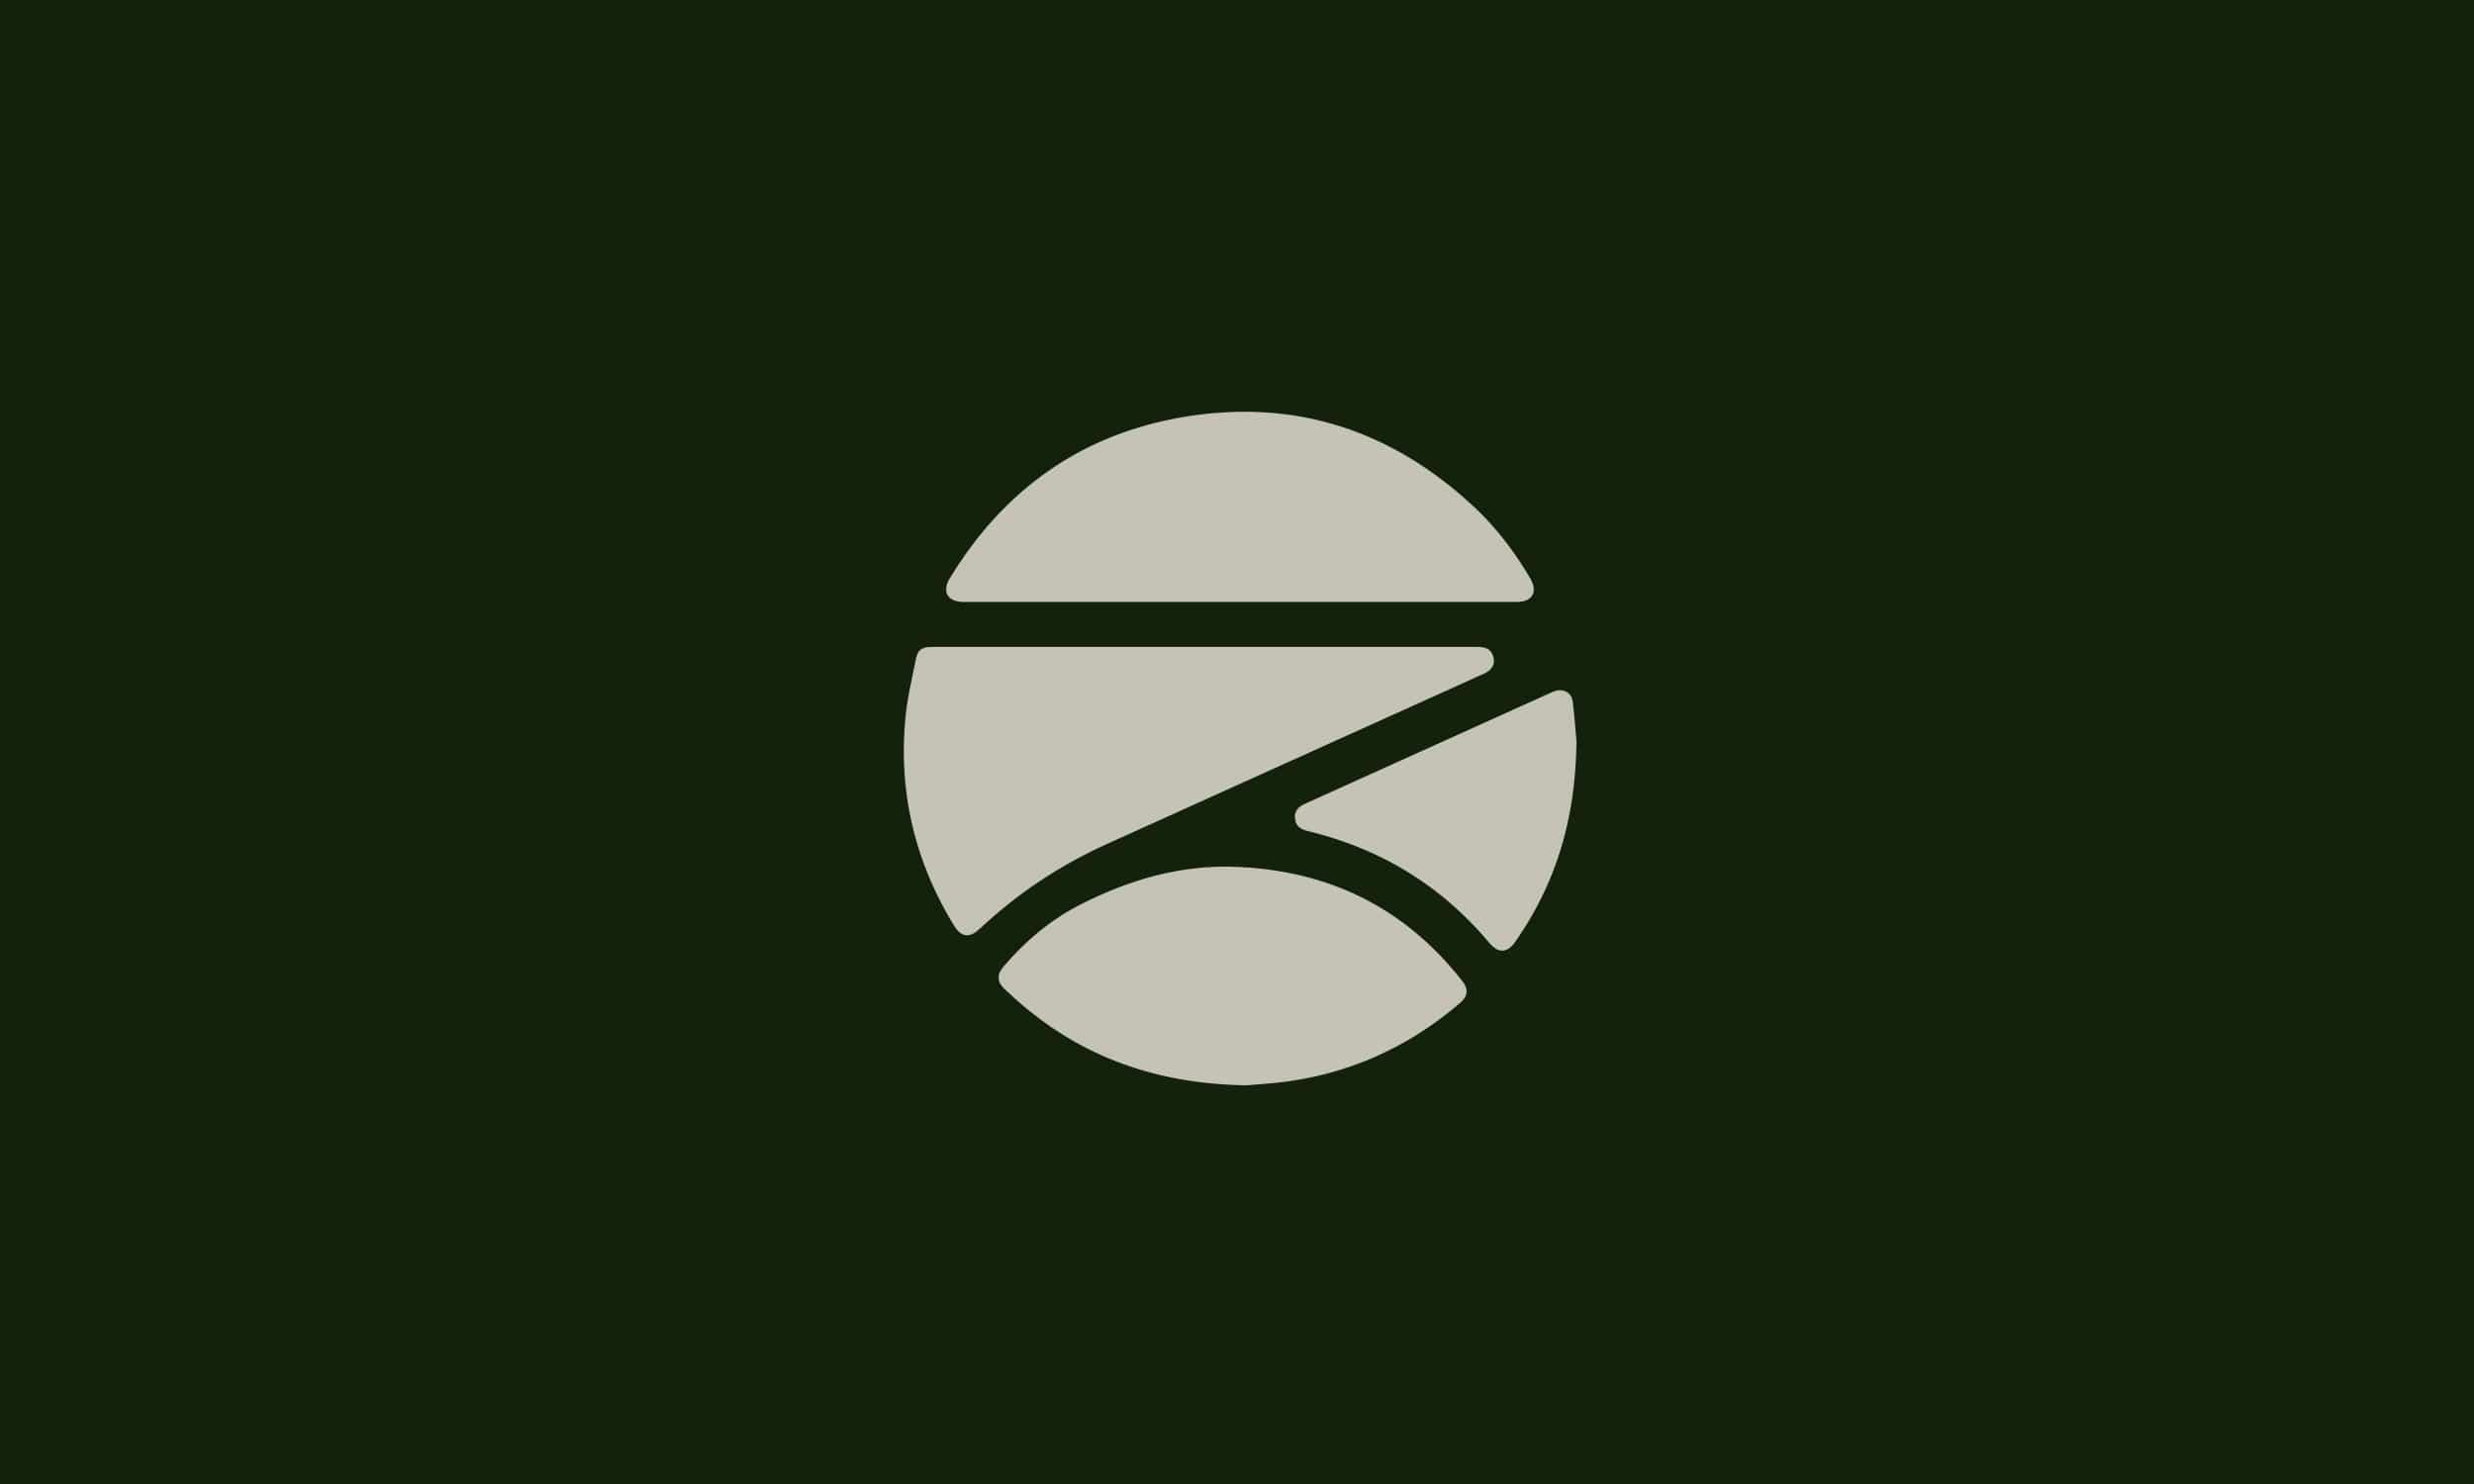 hdr-logo-template-zoreas-concept.jpg